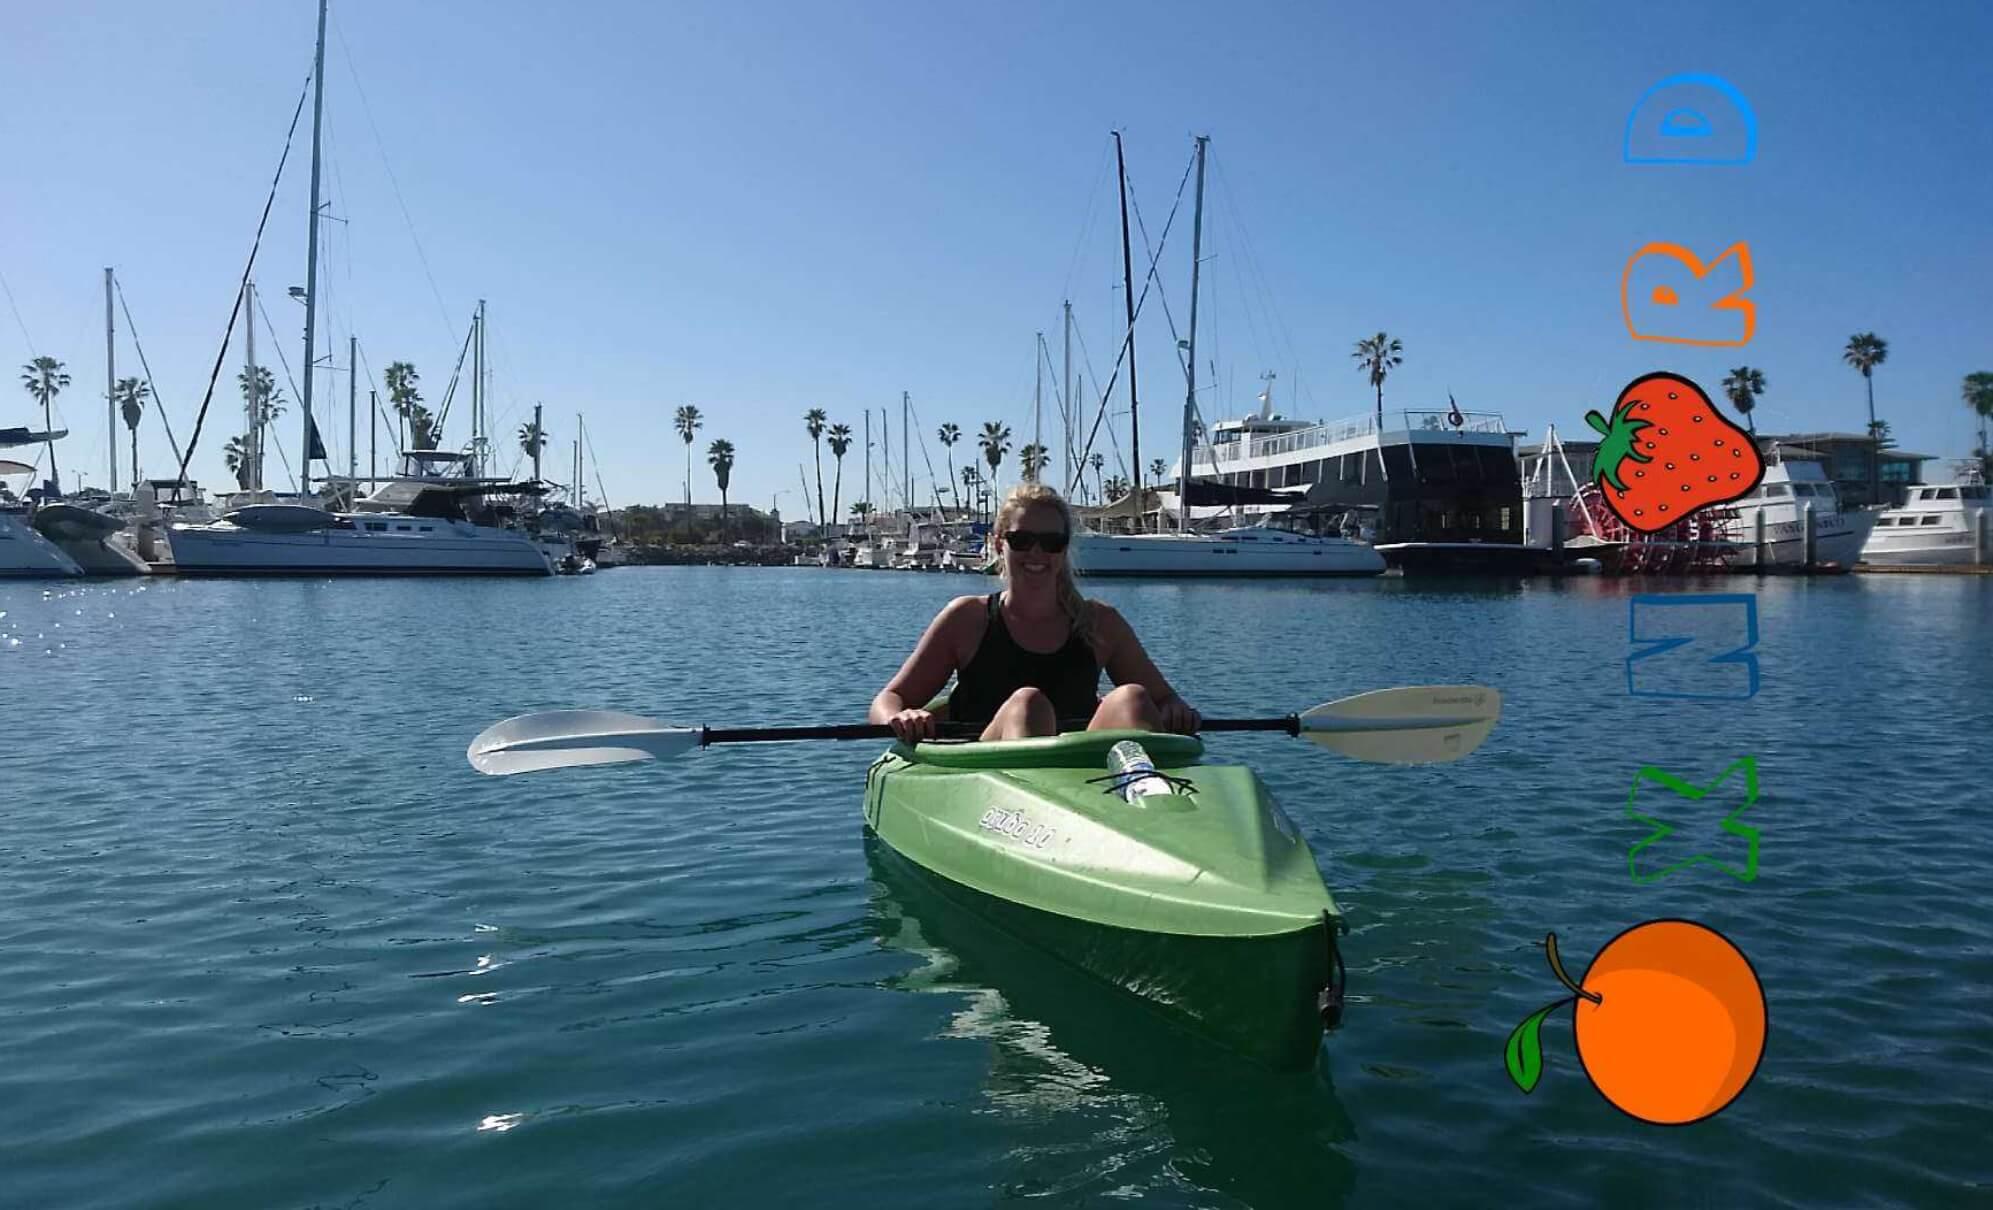 Sunsational Private Swim Lesson Instructor in Tampa - Renee E